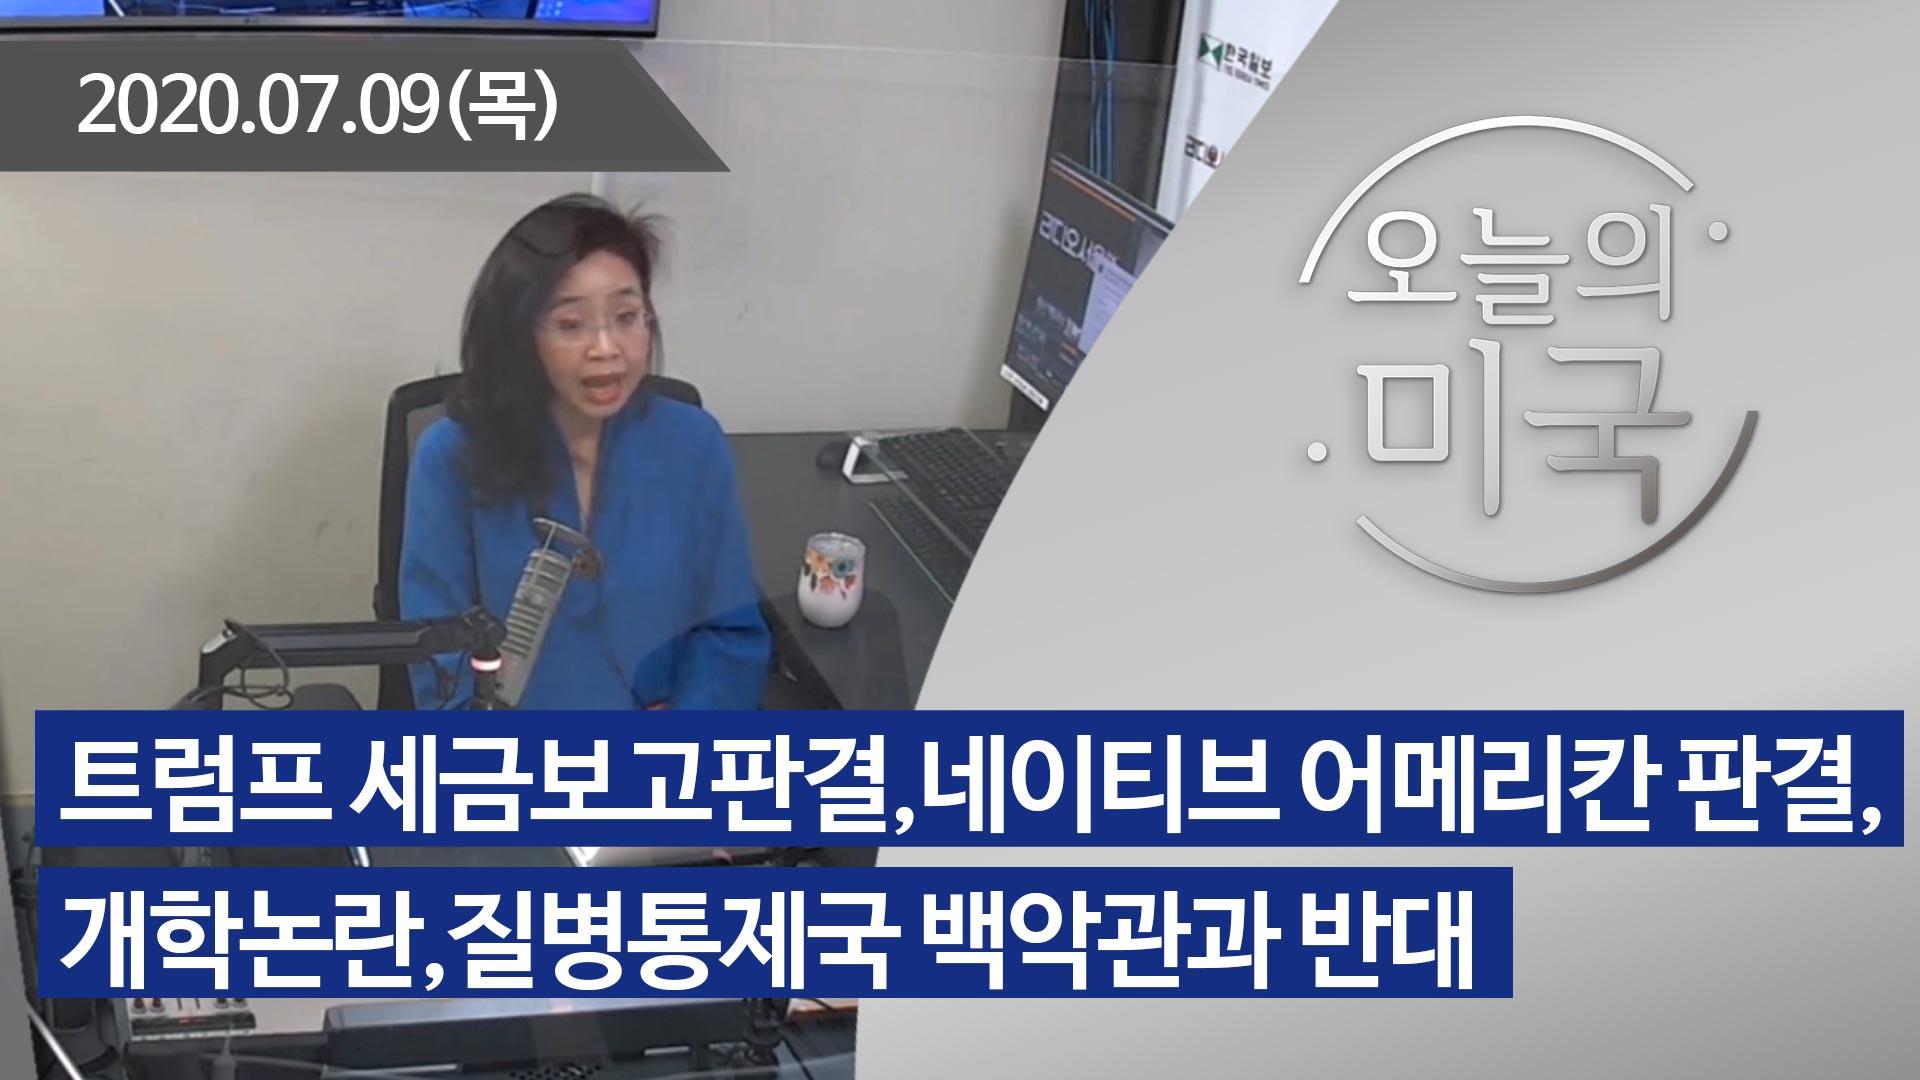 강혜신의 오늘의 미국 (07.09.2020)